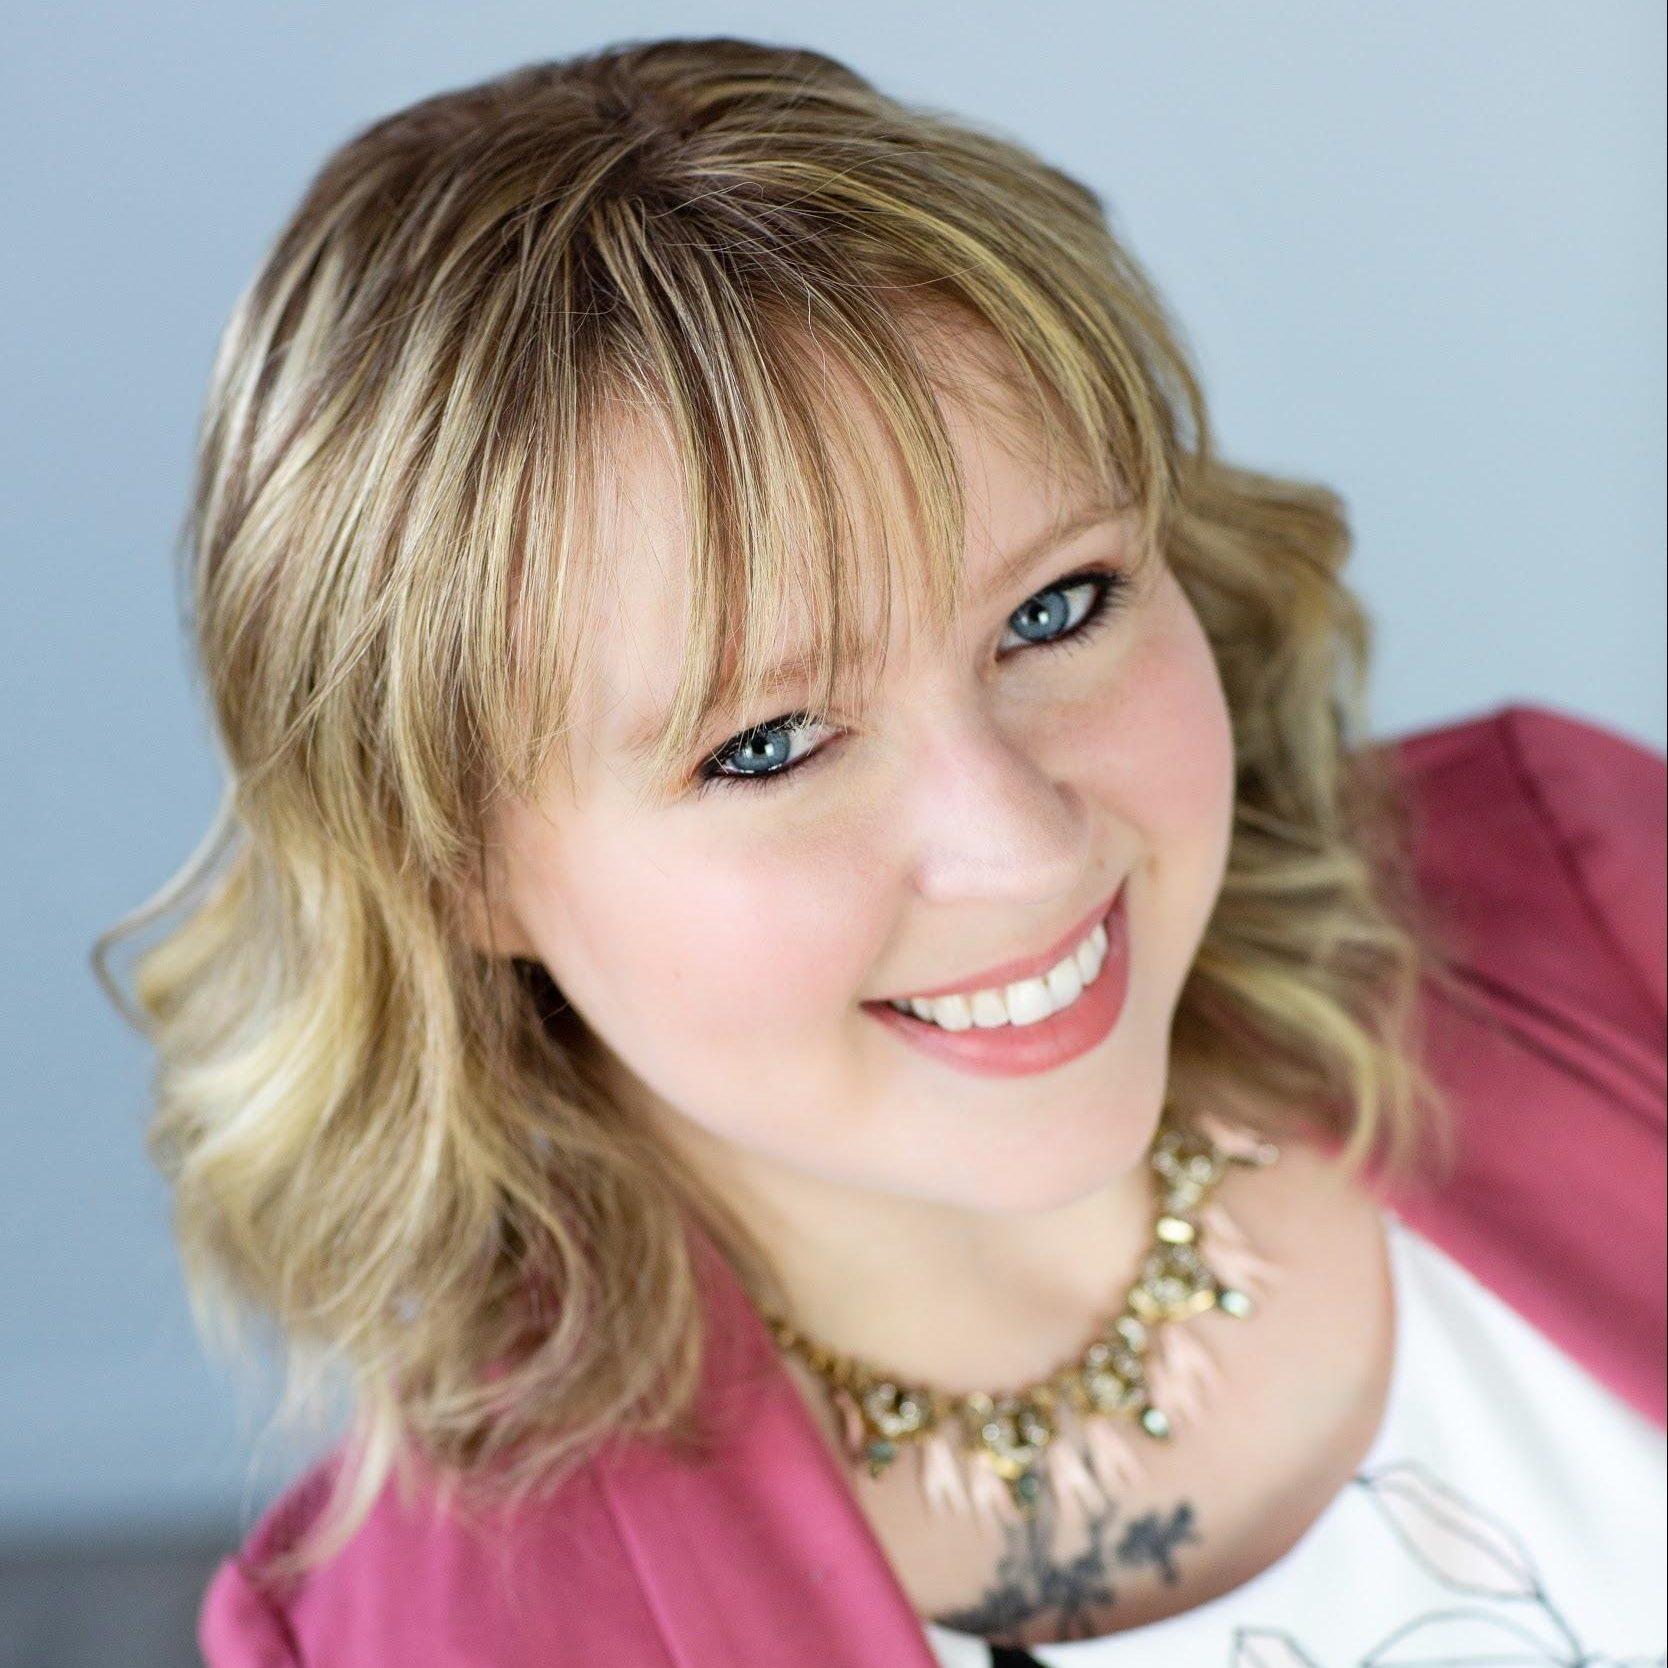 Lori Ramas - how to use google voice